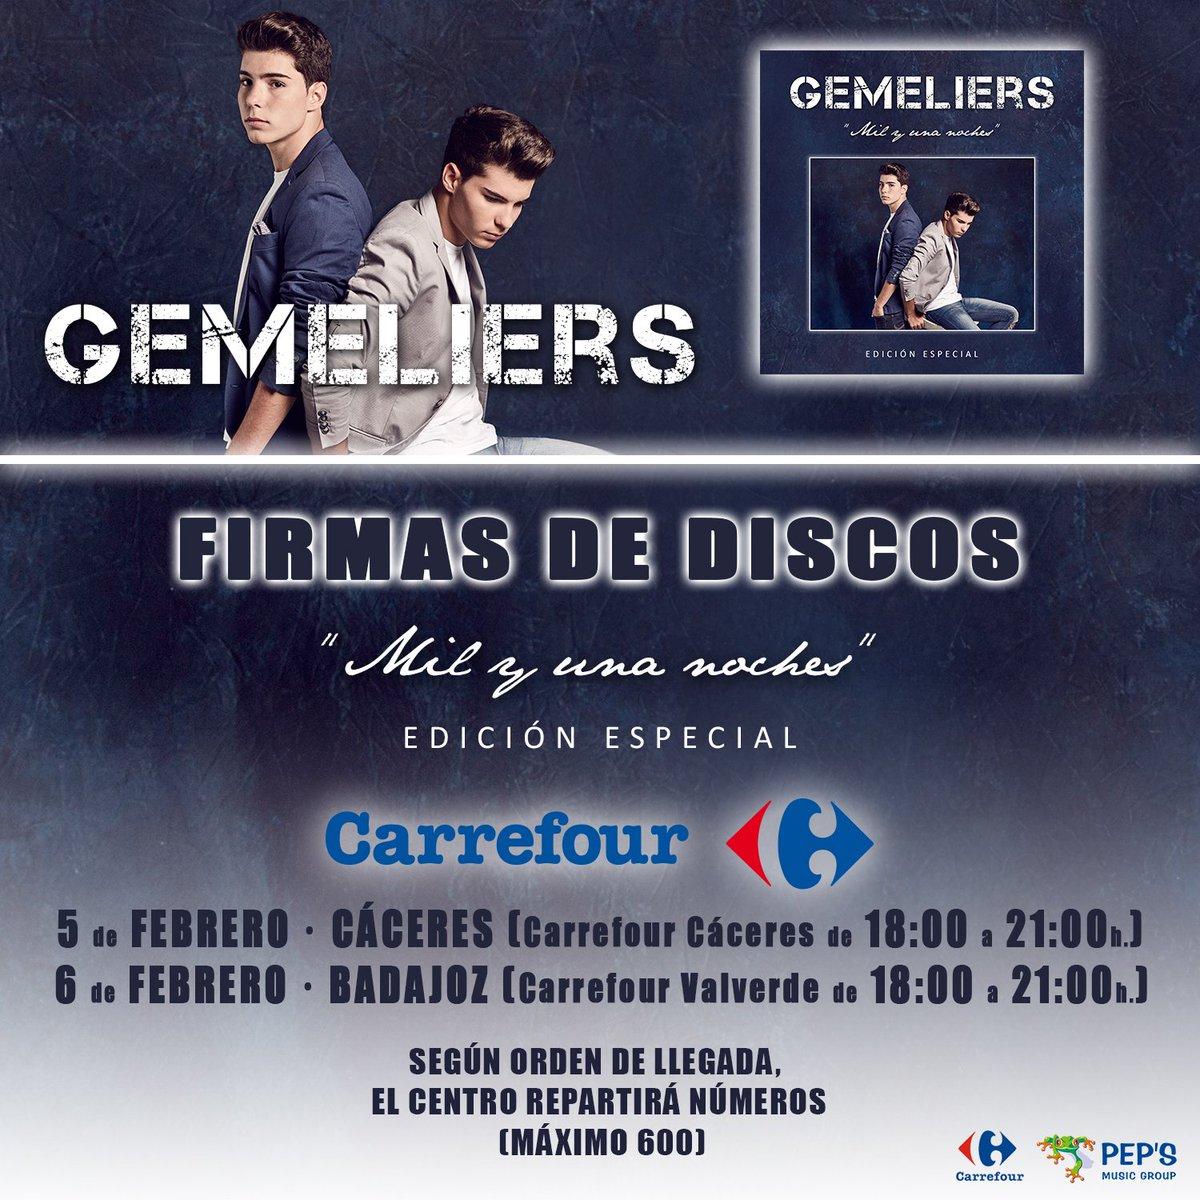 Firma de discos y libros de @GemeliersMusic el próximo fin de semana en #Carrefour ¡Te esperamos! https://t.co/BJCl55Af58